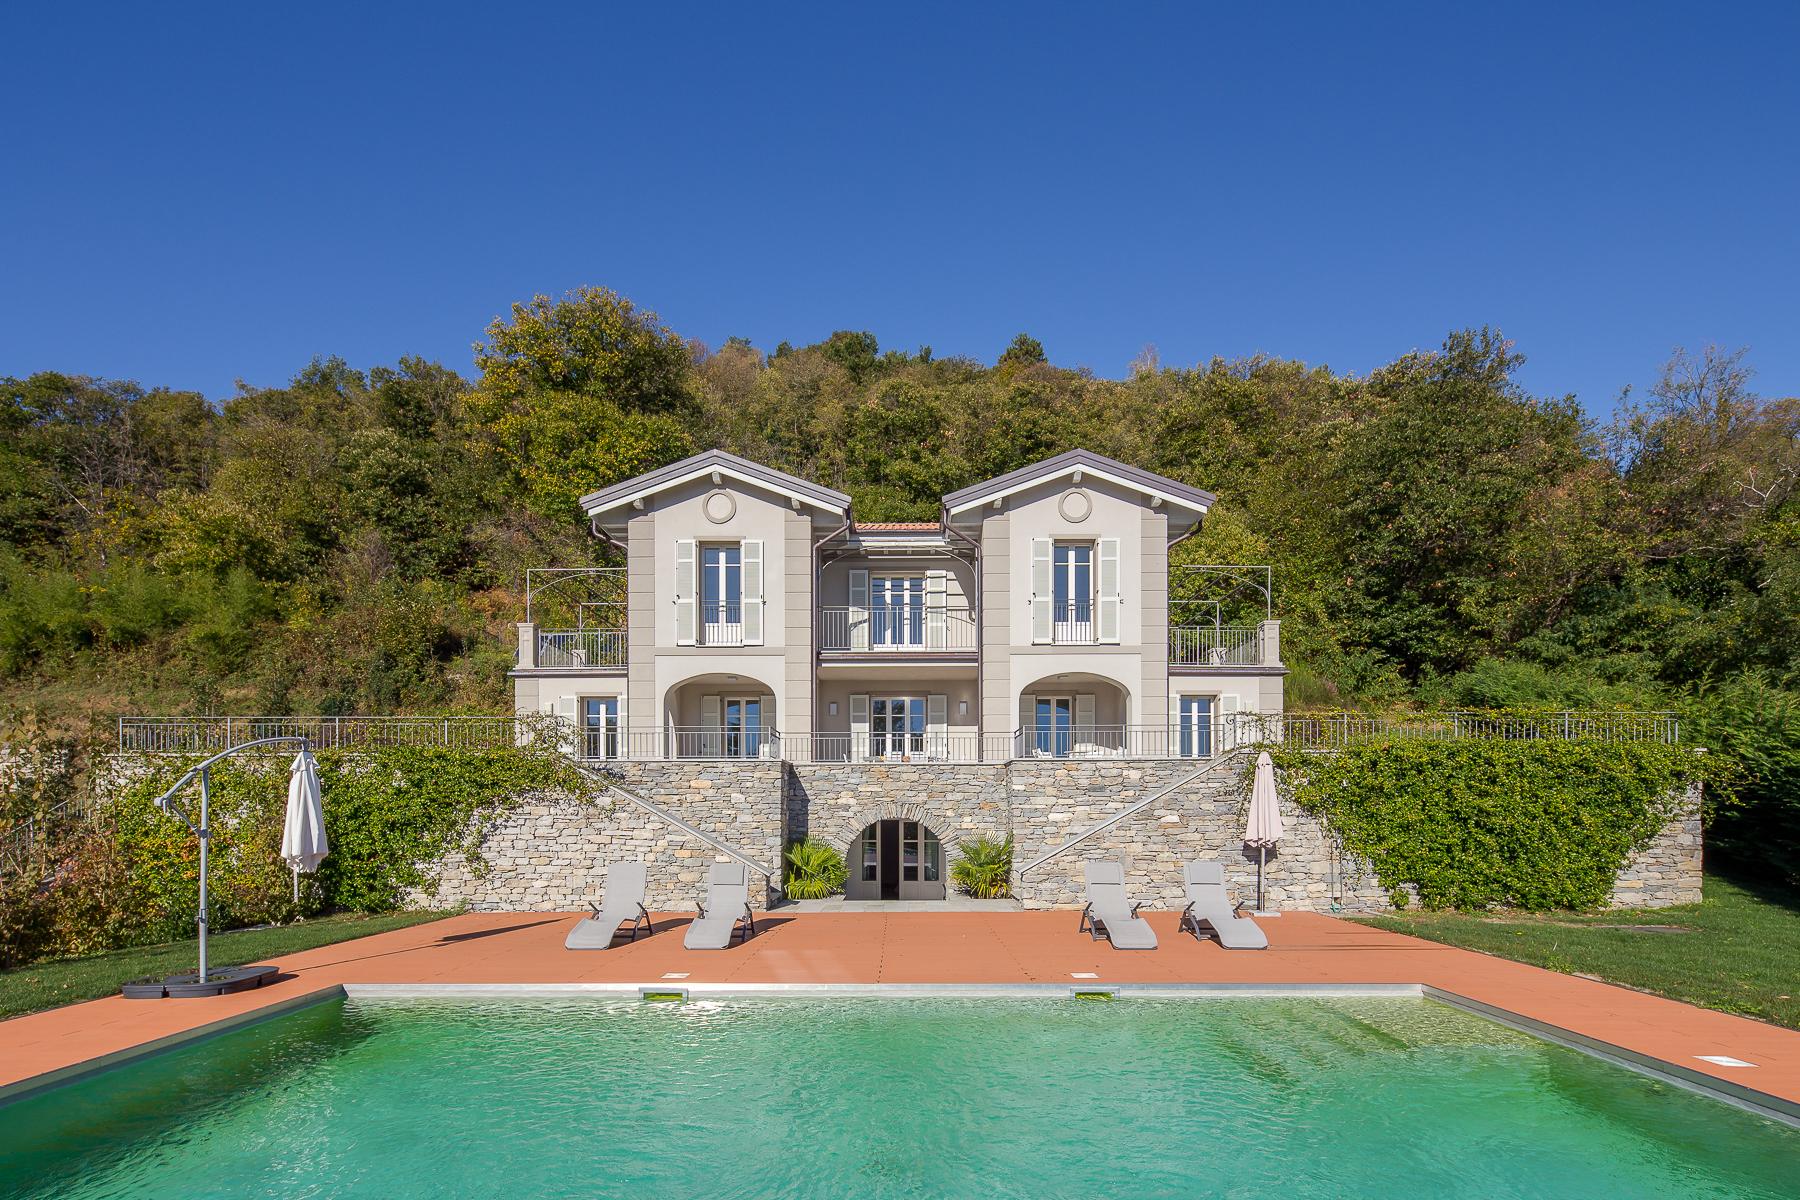 Villa in Vendita a Verbania: 5 locali, 419 mq